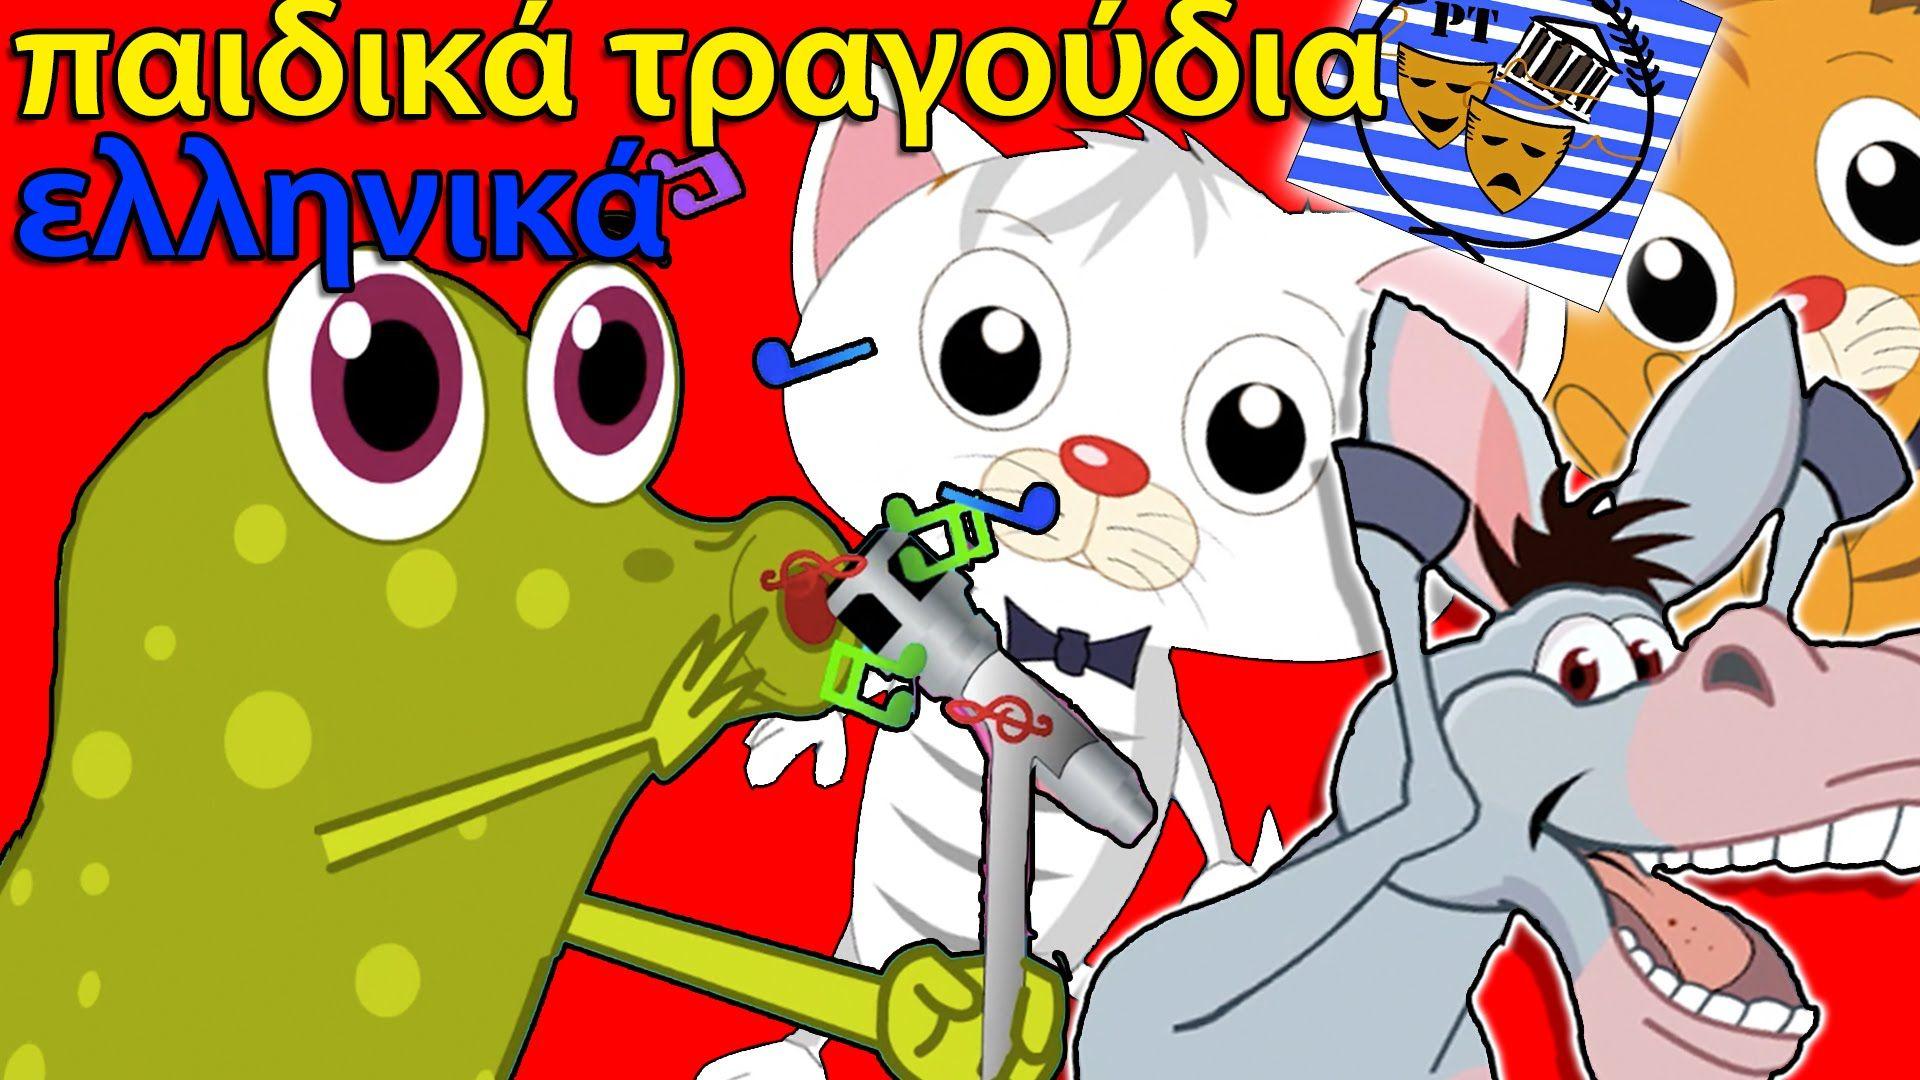 e8a2b87043b Τα Έξι Βατραχάκια | παιδικά τραγούδια ελληνικά | Paidika Tragoudia Greek.